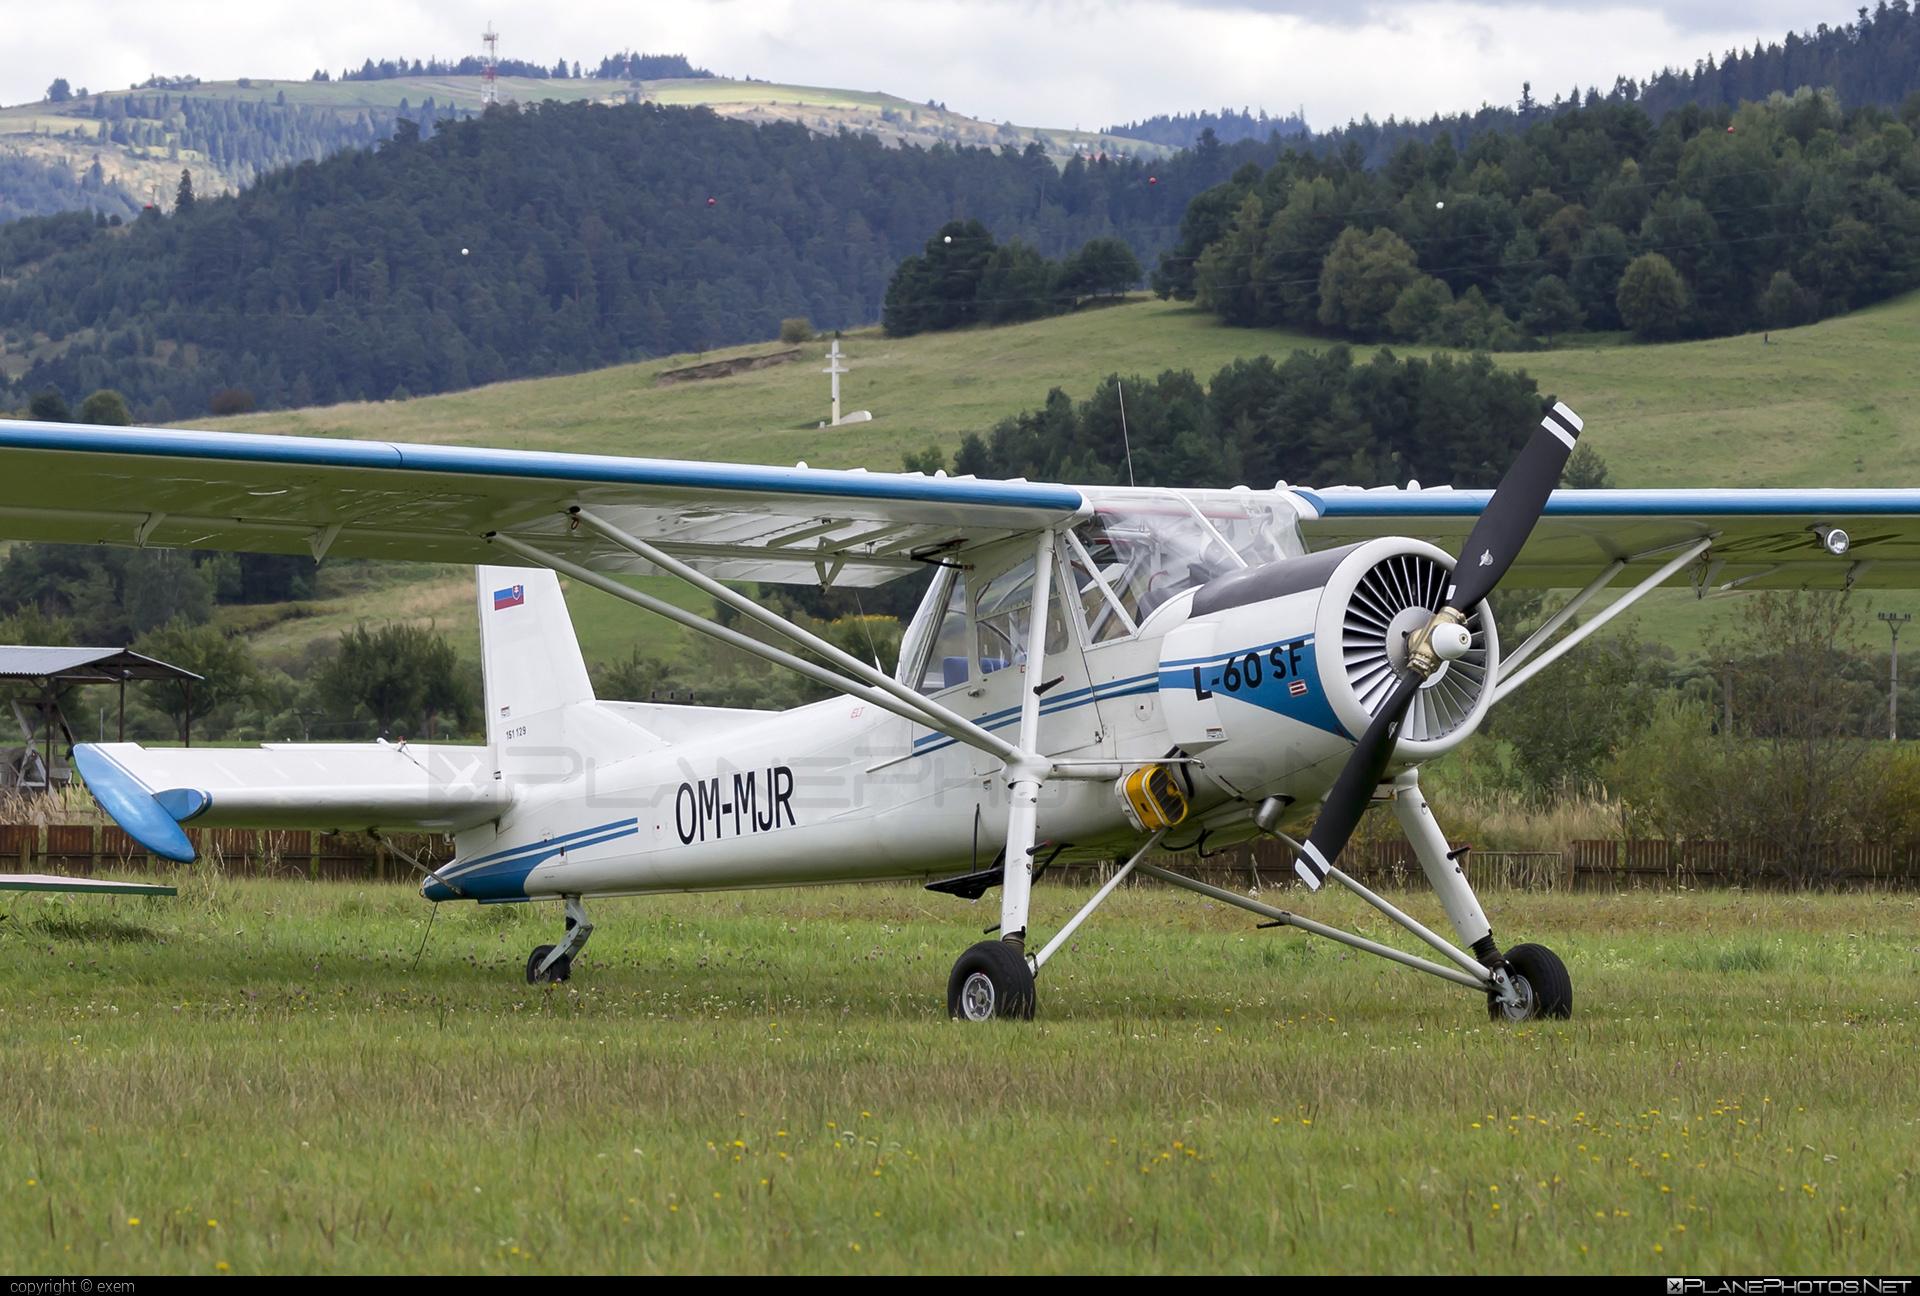 Aero L-60SF Brigadýr - OM-MJR operated by Service Creativ s.r.o. #aero